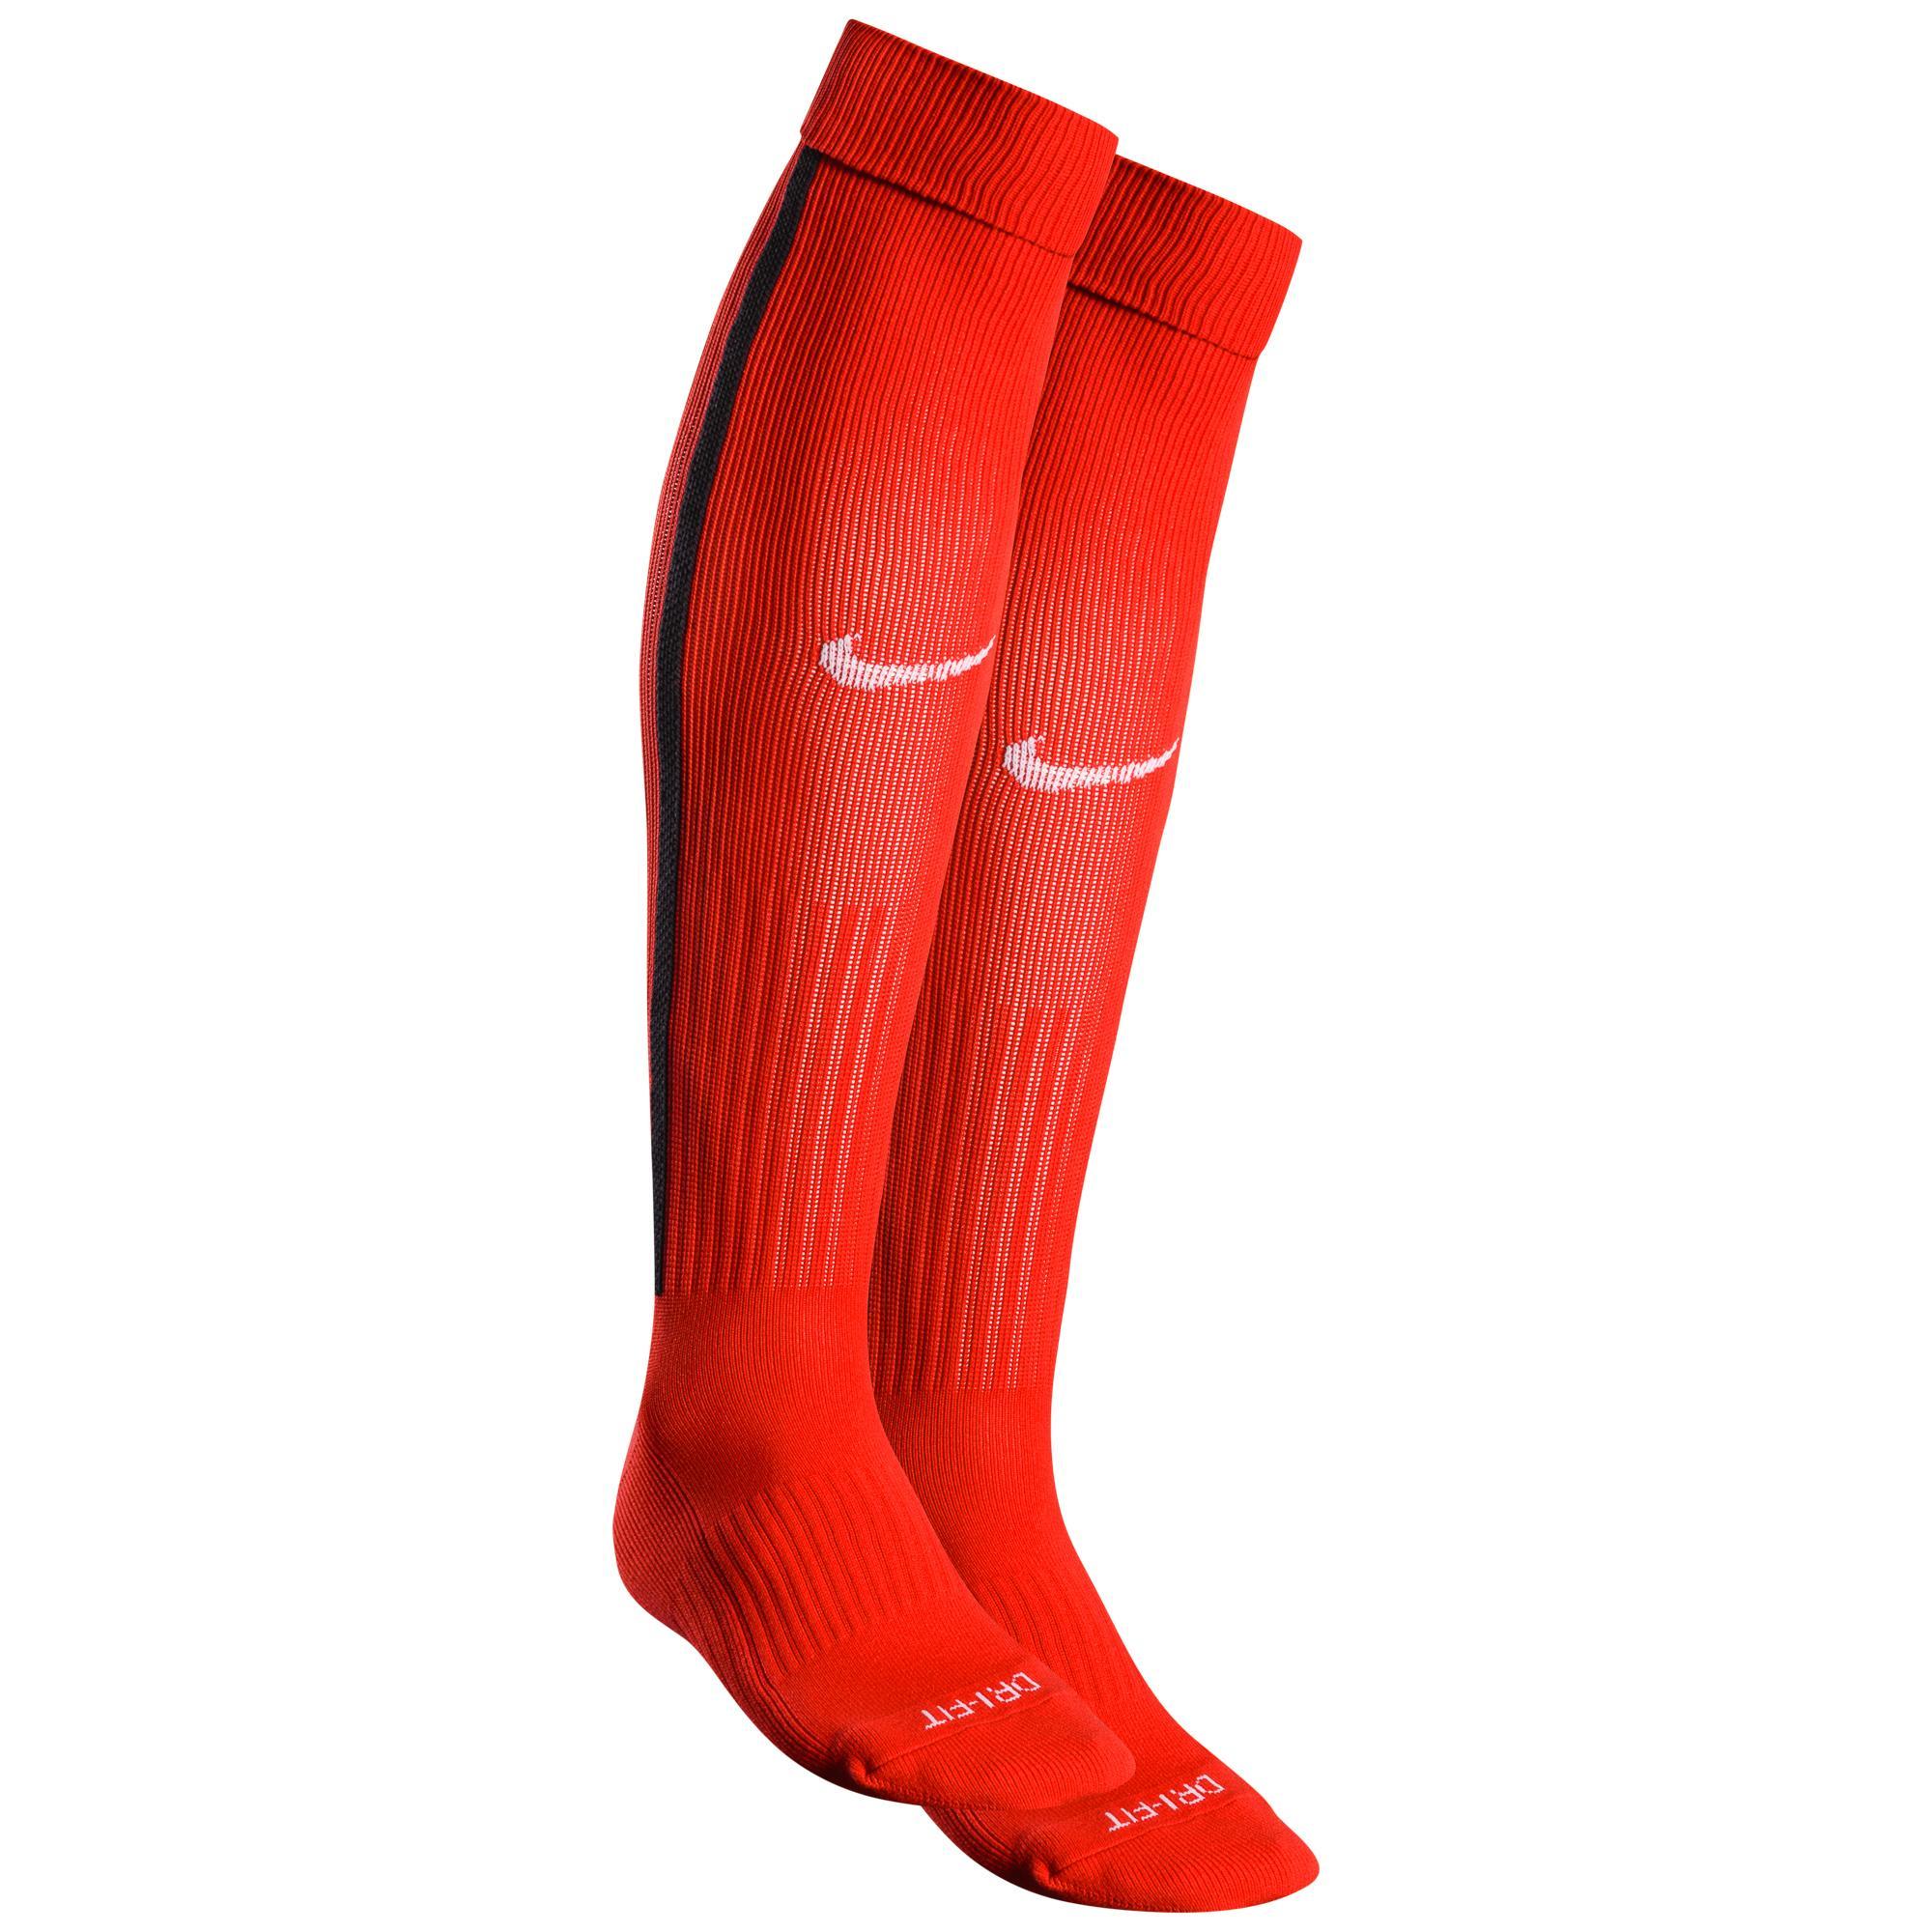 Nike Fotbollsstrumpor Vapor III Röd